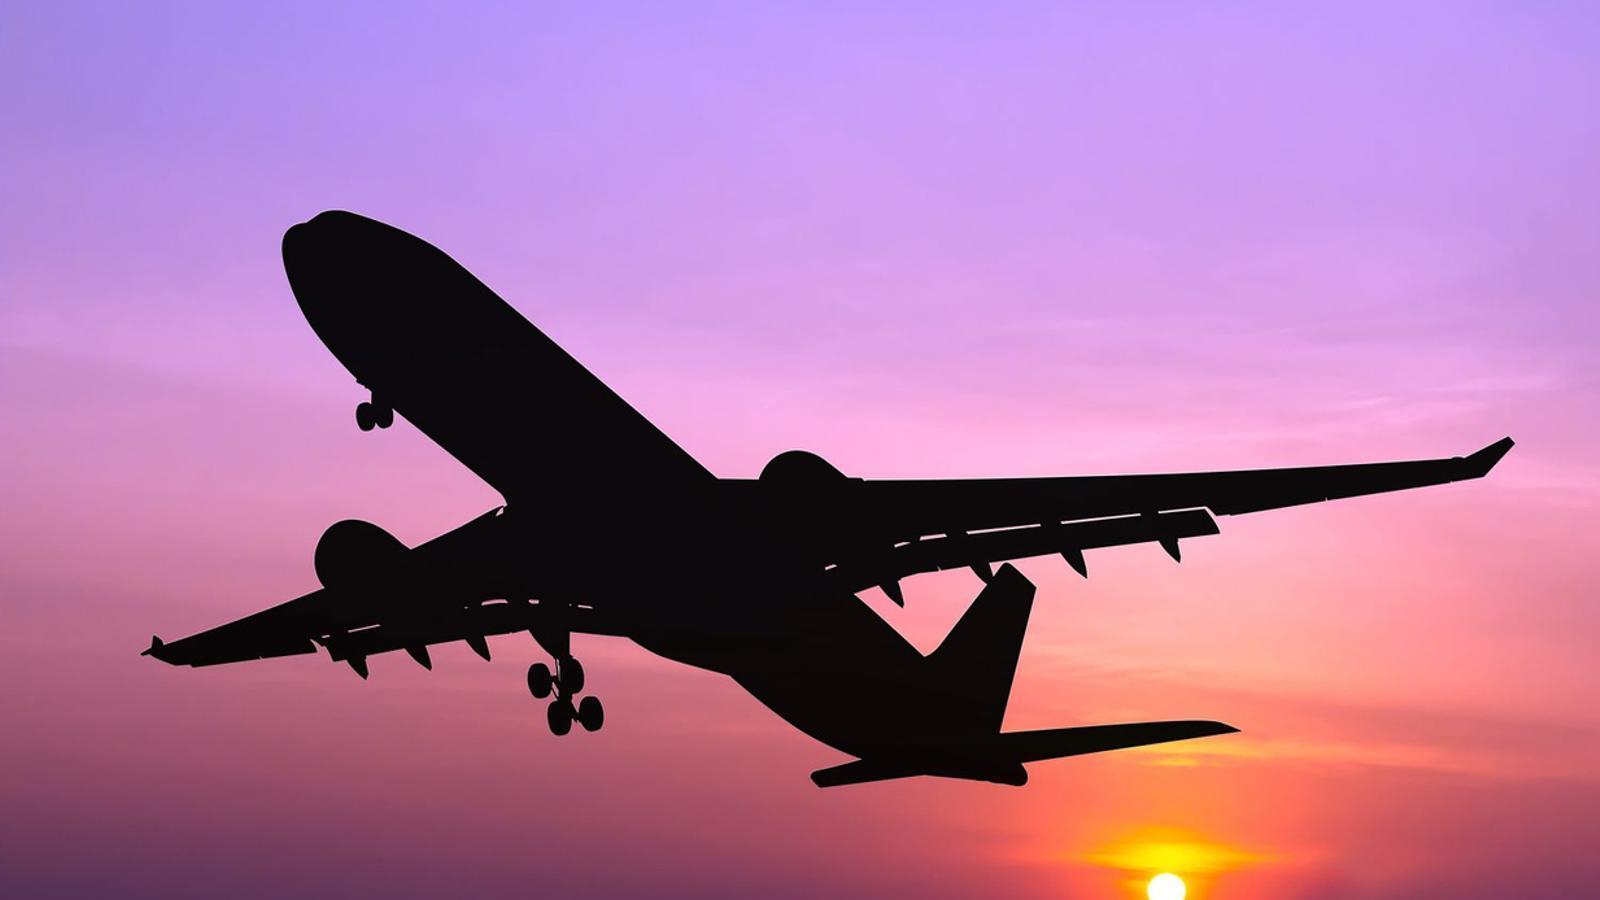 Els avions contribueixen al canvi climàtic